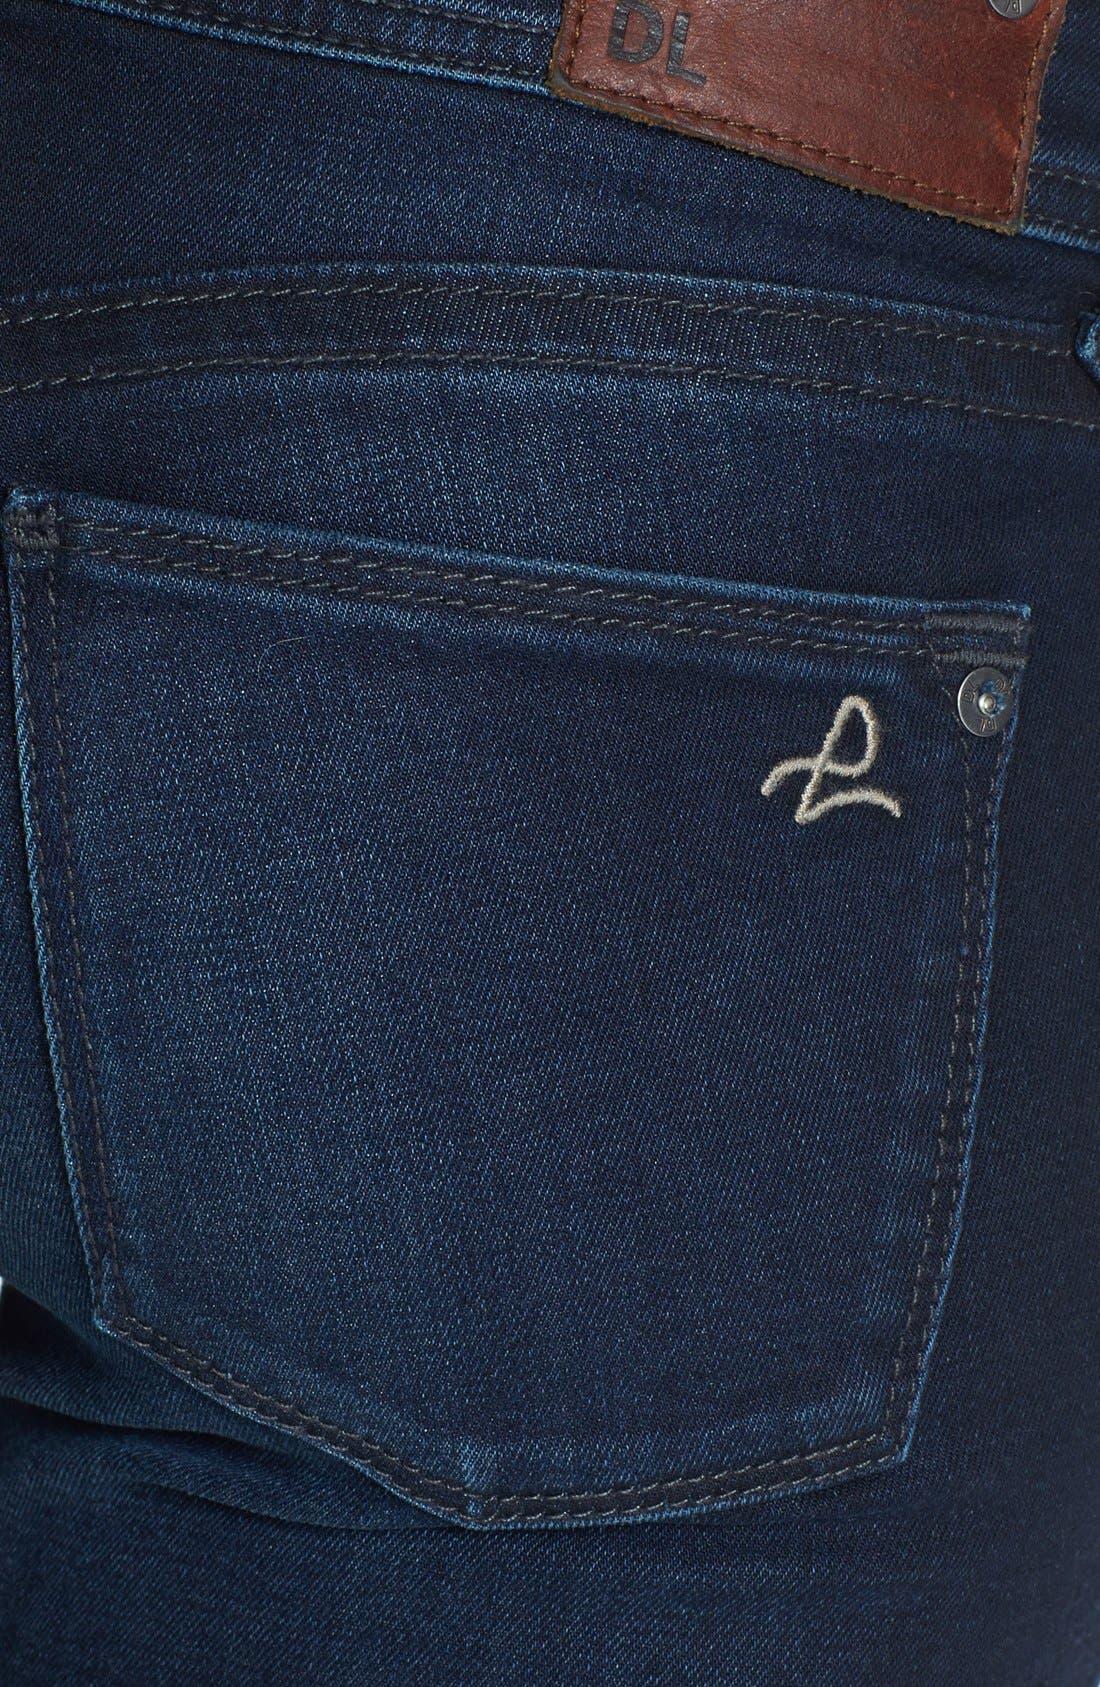 Alternate Image 3  - DL1961 'Amanda' Distressed Skinny Jeans (Seville)